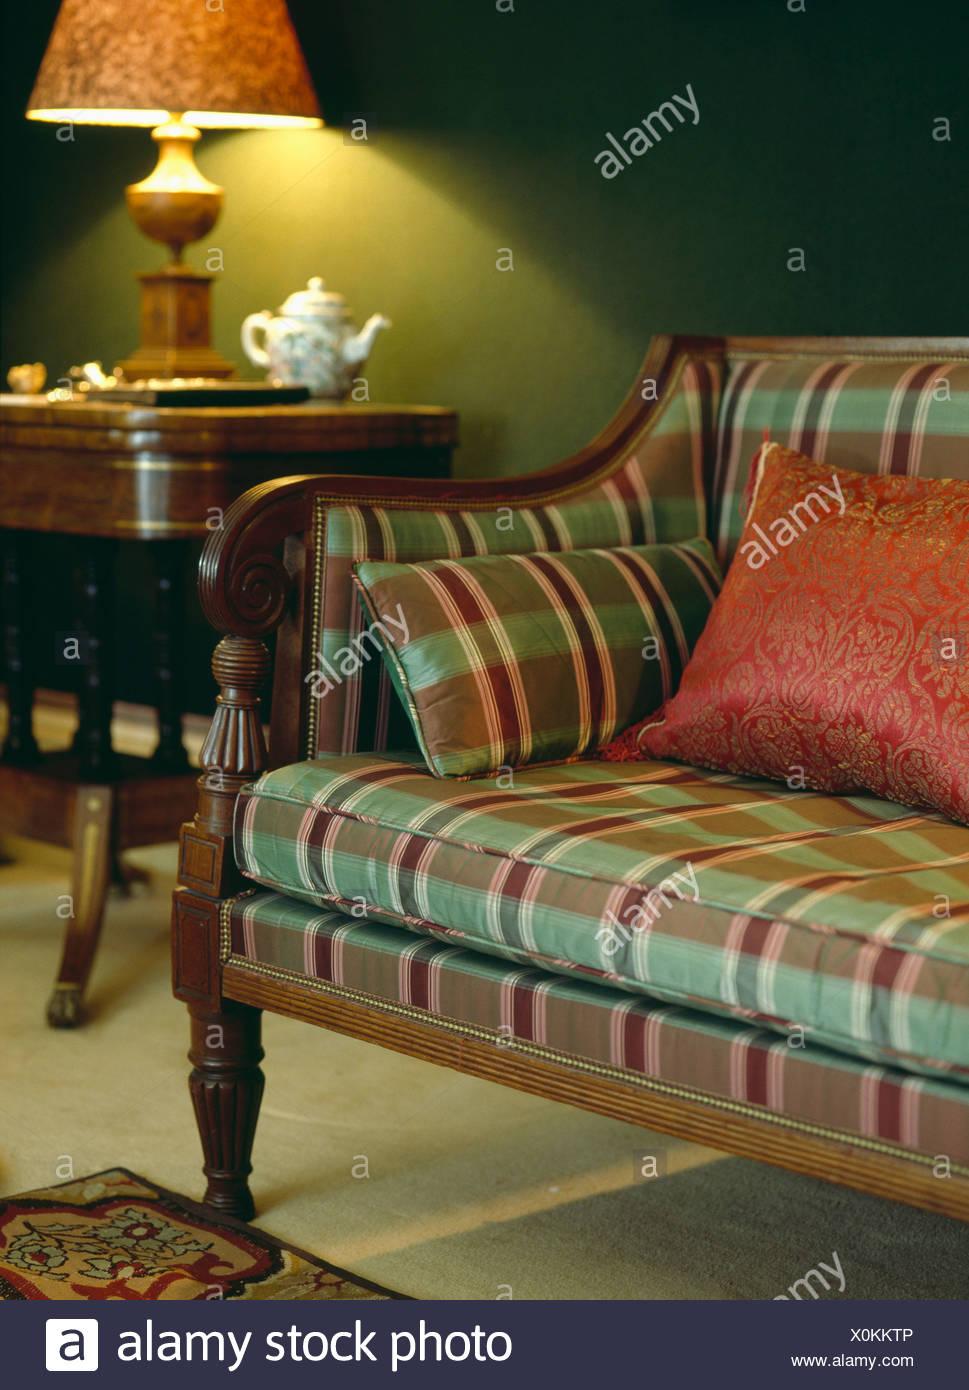 Rot und grün überprüfen Polsterung auf antiken Sofa im dunklen ...